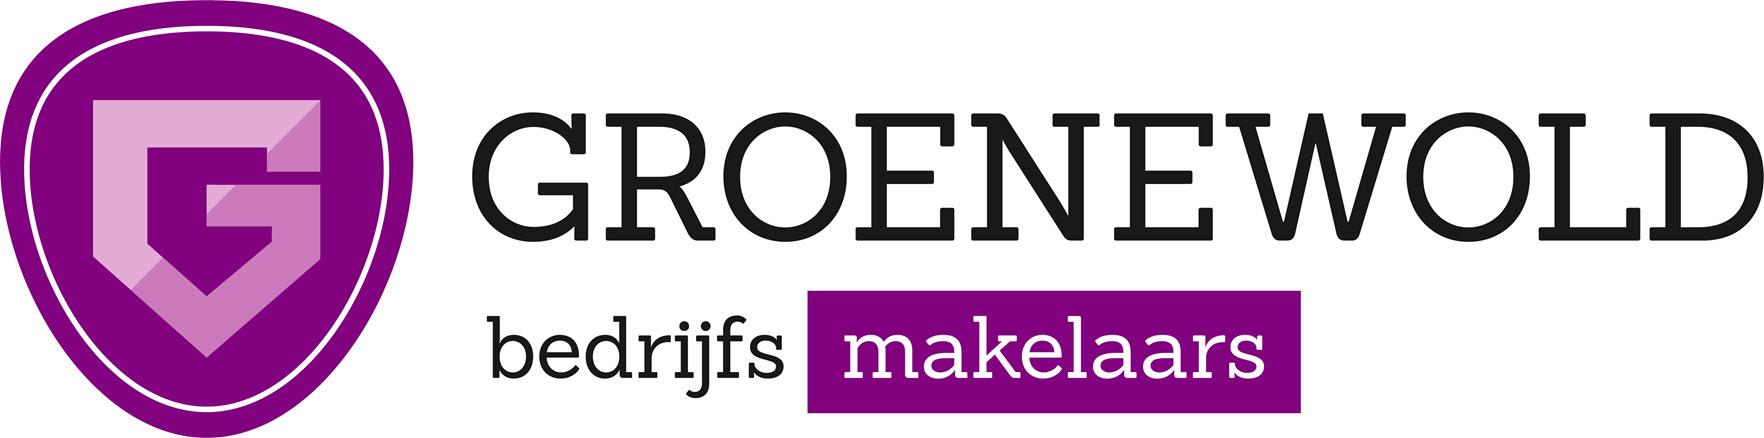 Groenewoldbedrijfsmakelaar-logo-def